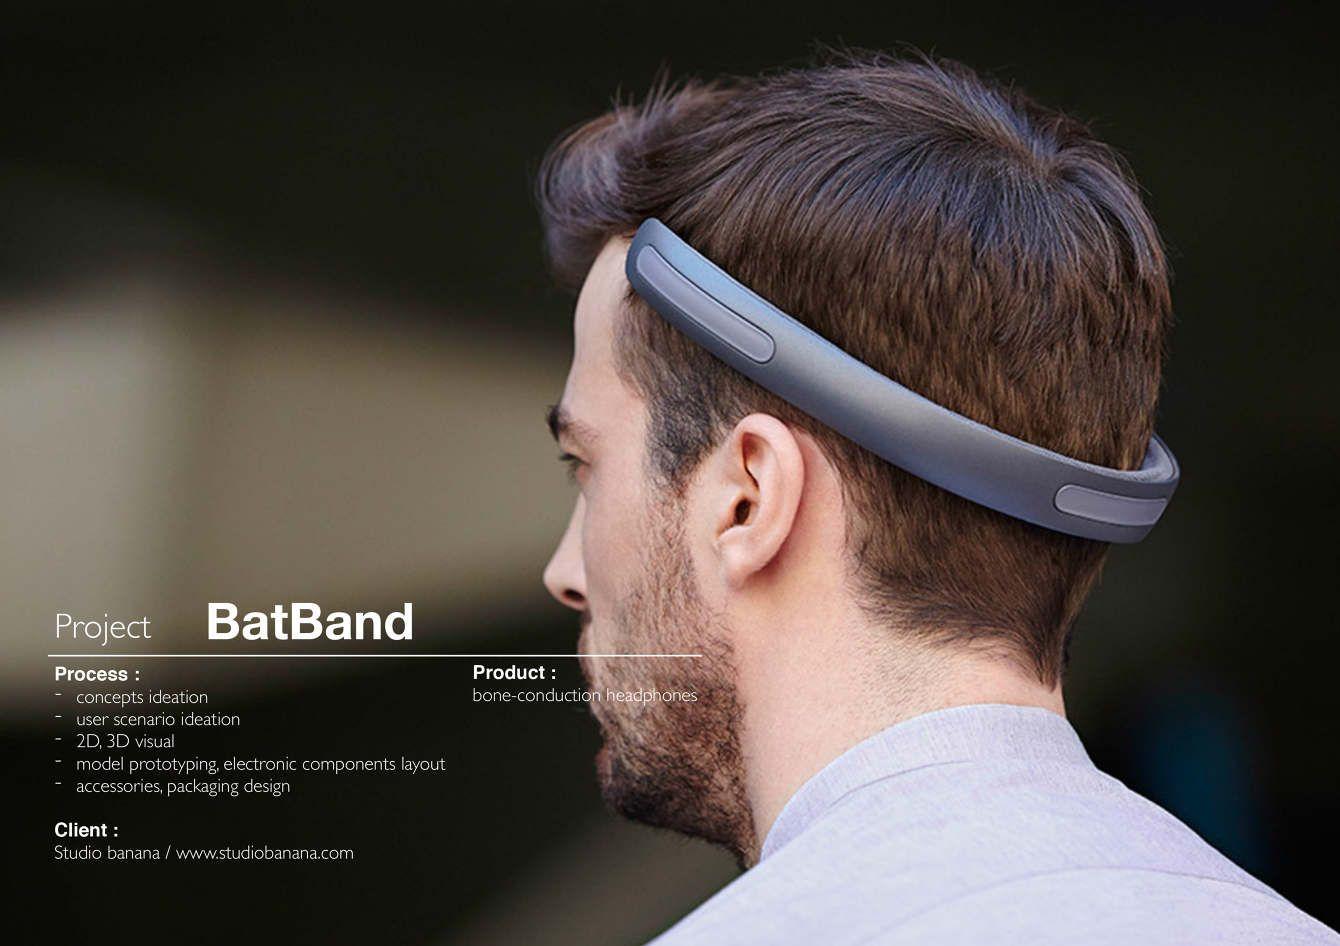 batband